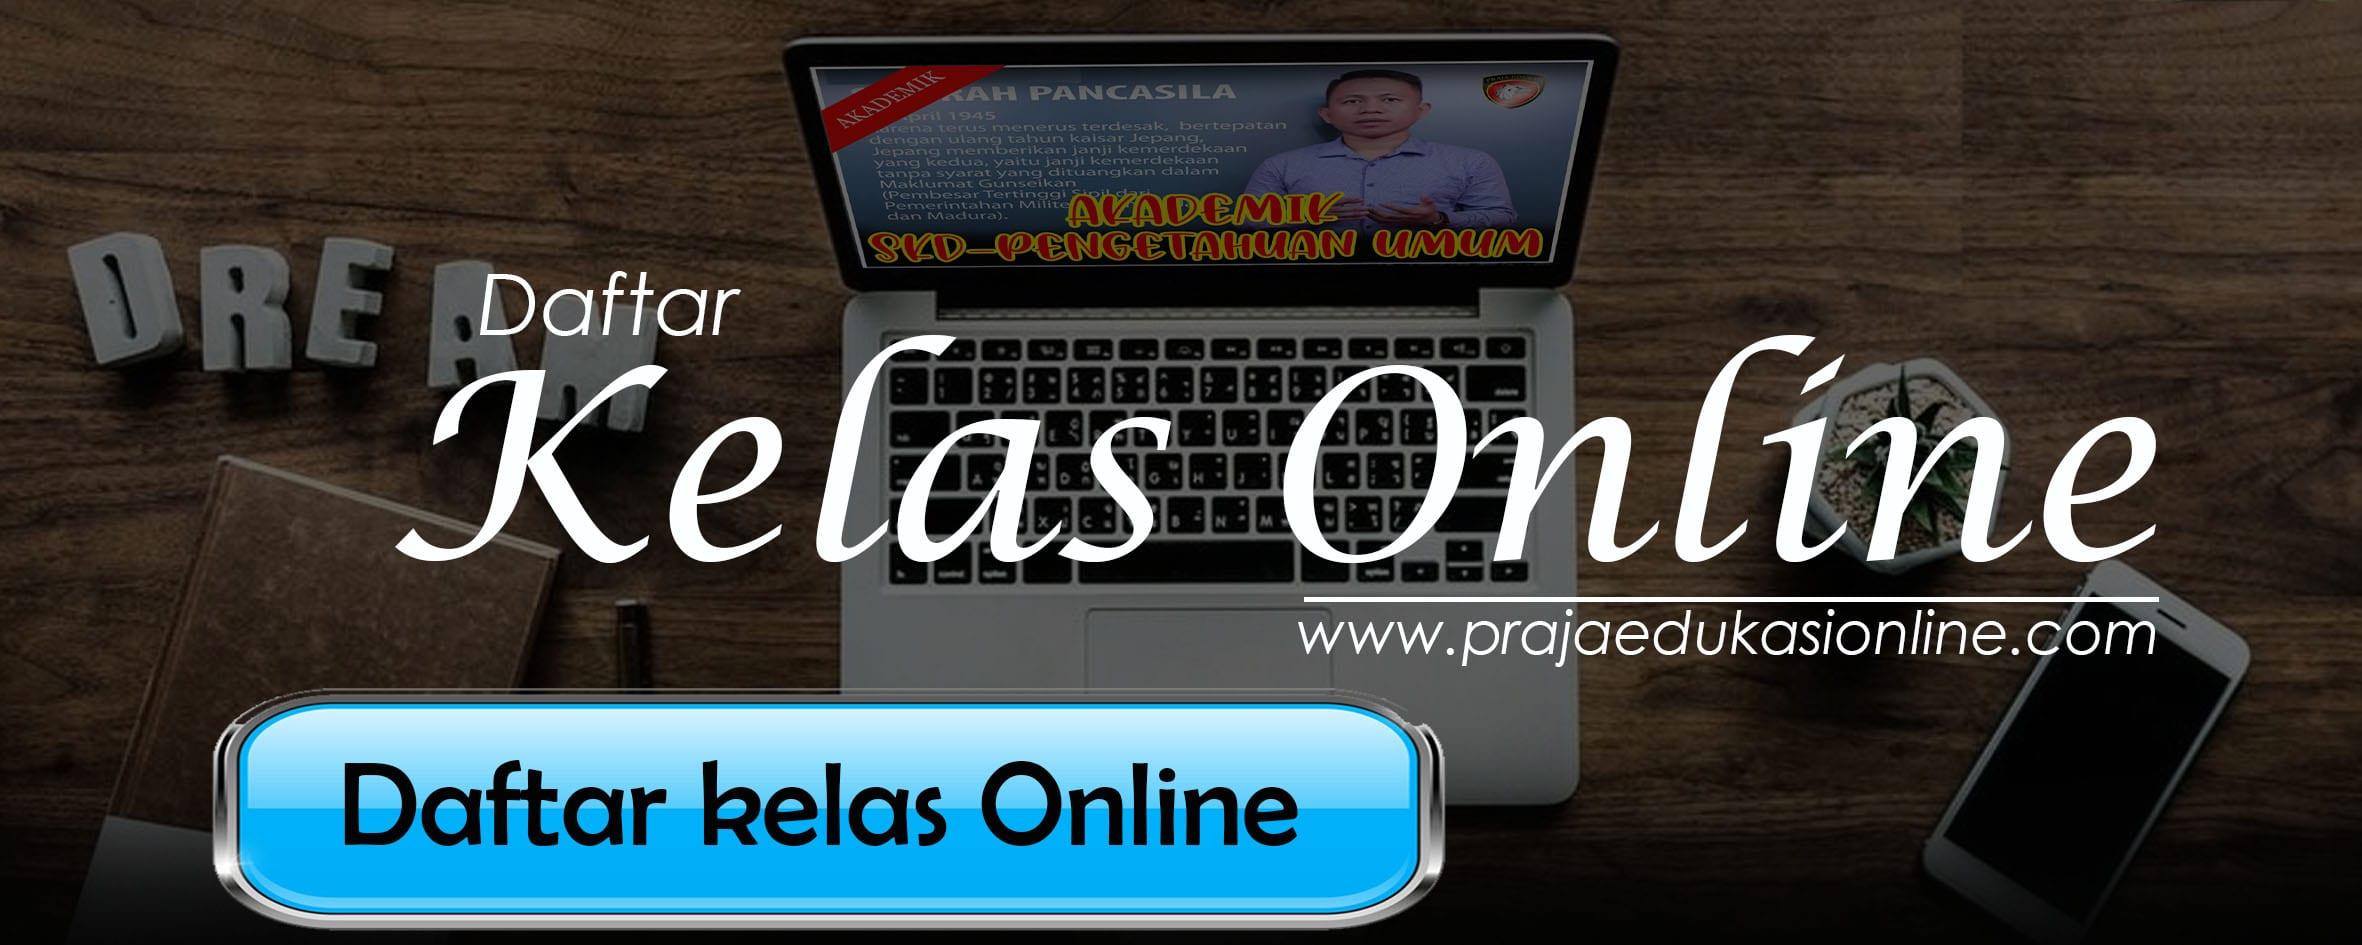 daftar kelas online praja edukasi